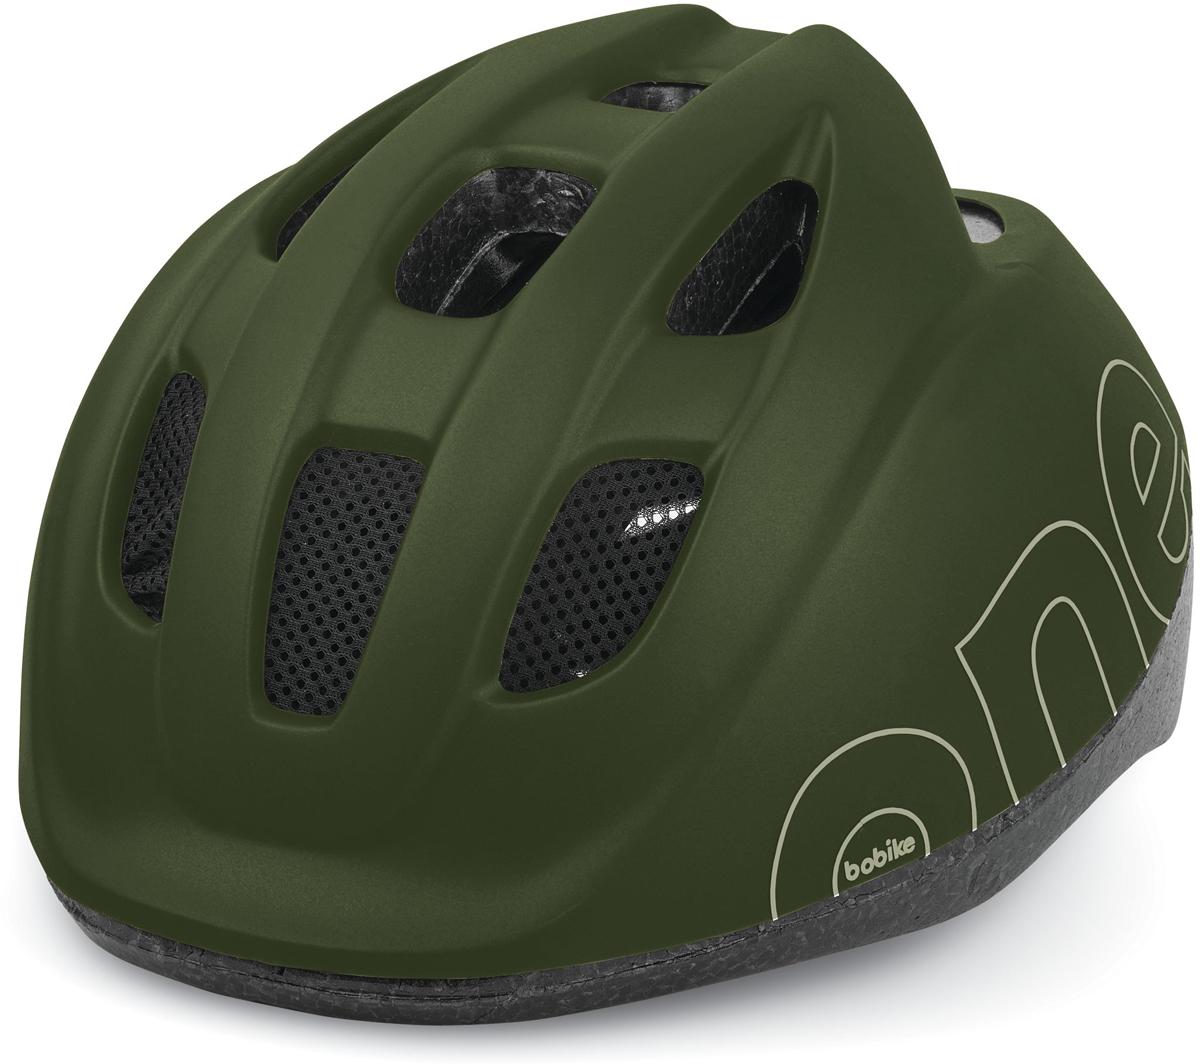 Шлем велосипедный Bobike One Olive Green, детский, цвет: зеленый. Размер XS (46-53 см)